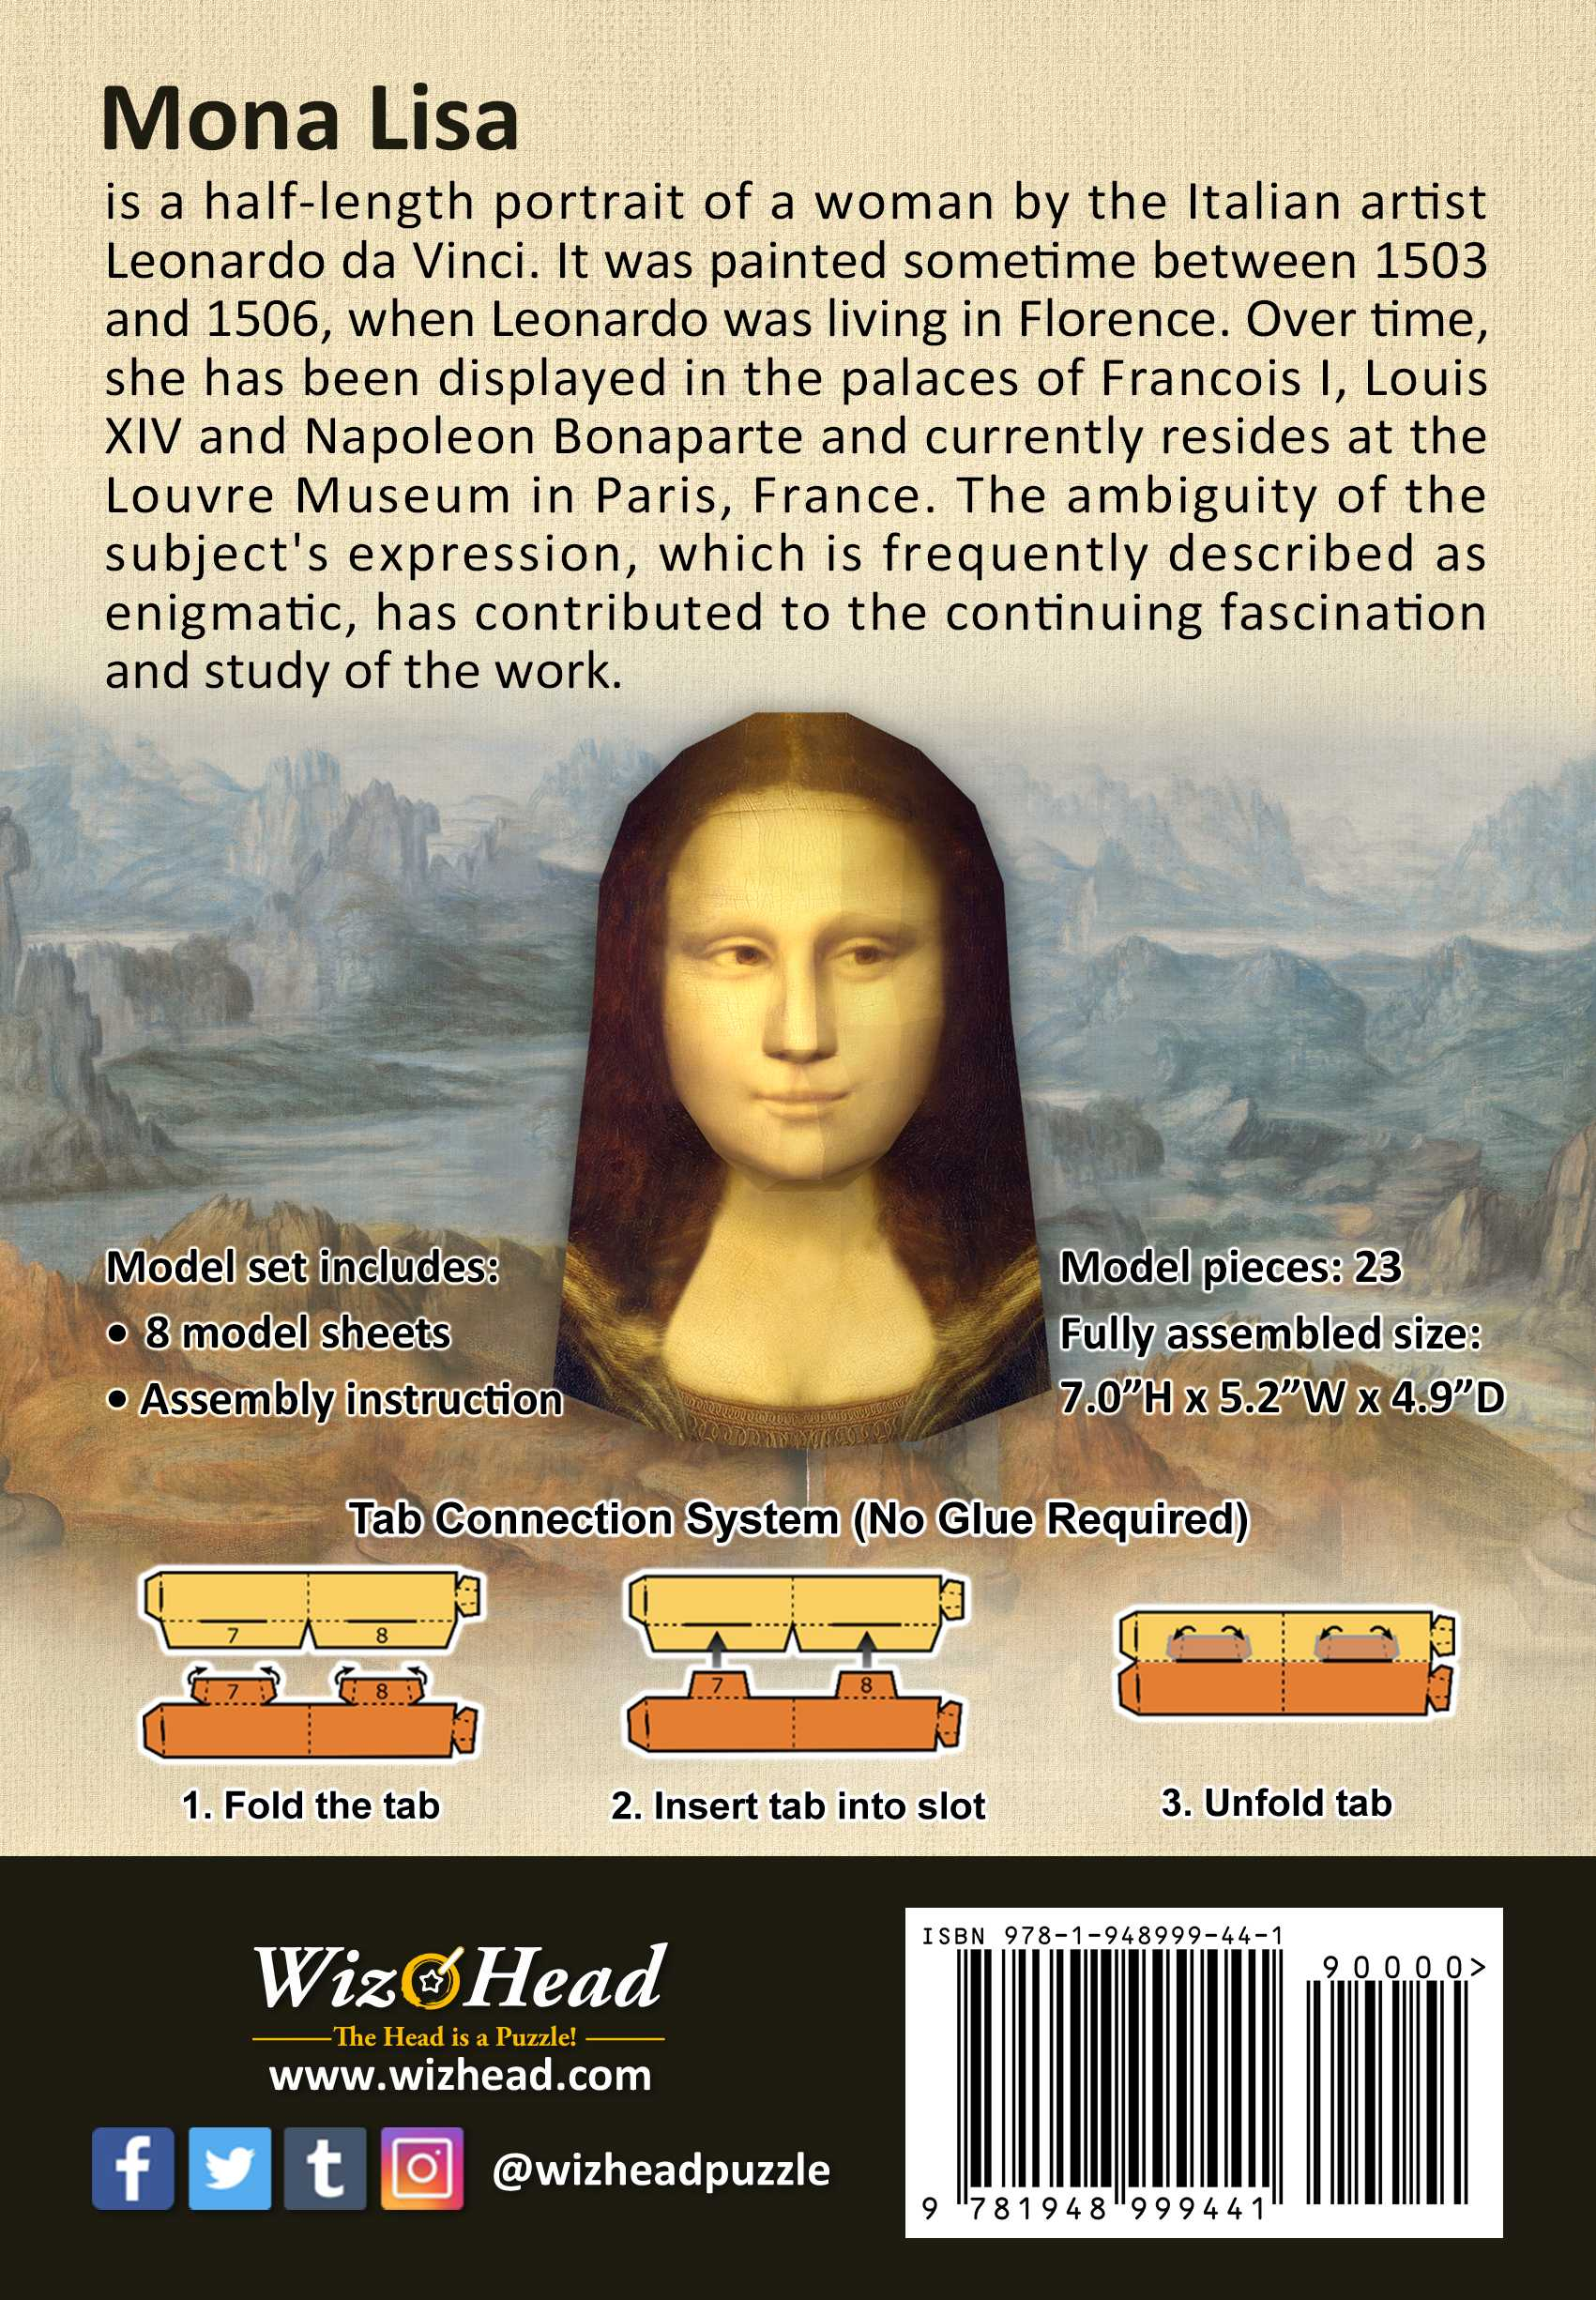 Mona Lisa (Full Size)